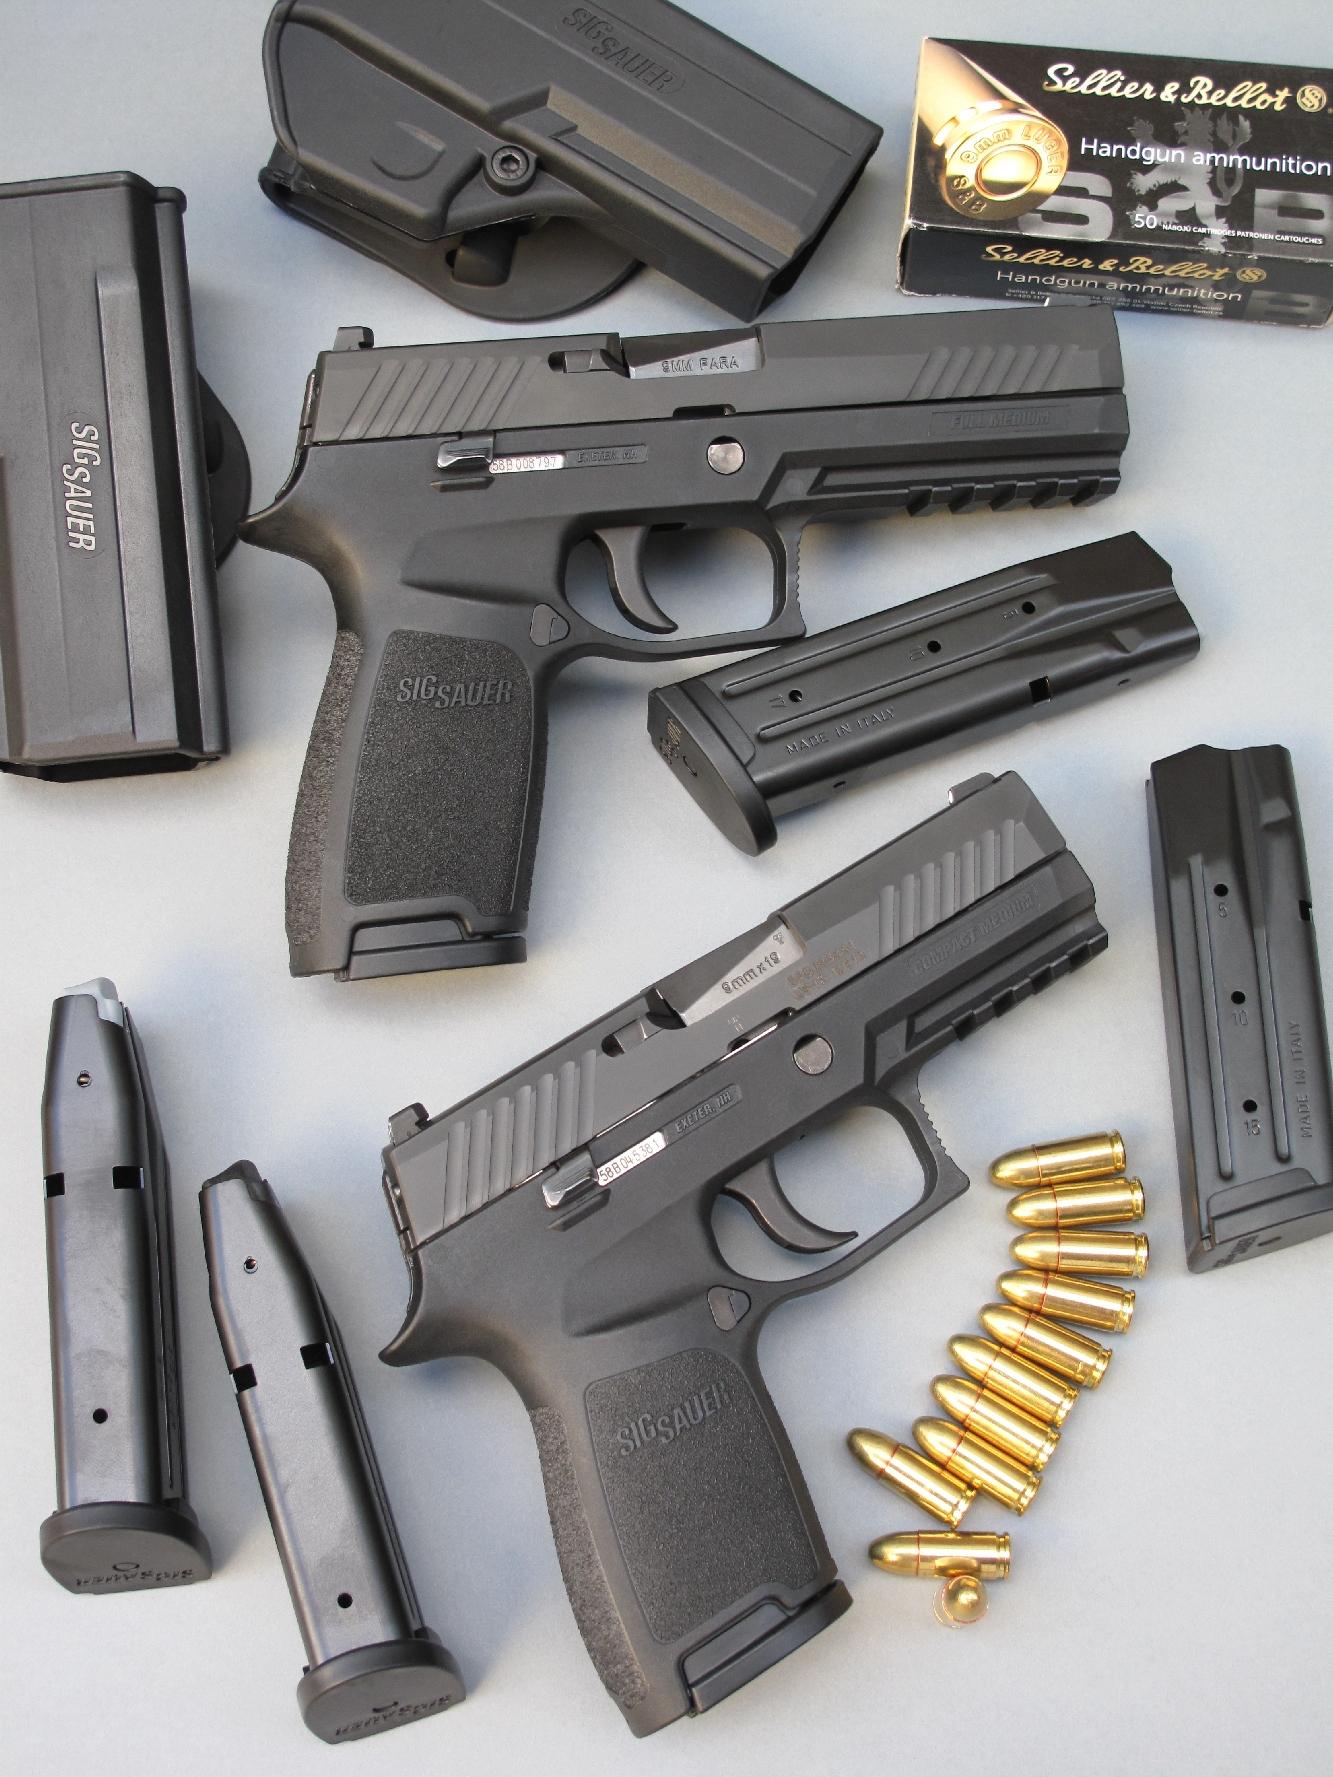 Les deux pistolets SIG-Sauer p-320, Compact et Full size, sont accompagnés ici par leurs chargeurs et holsters respectifs, chaque arme étant livrée avec trois chargeurs et un holster de ceinture de type « Paddle », moulé en polymère.